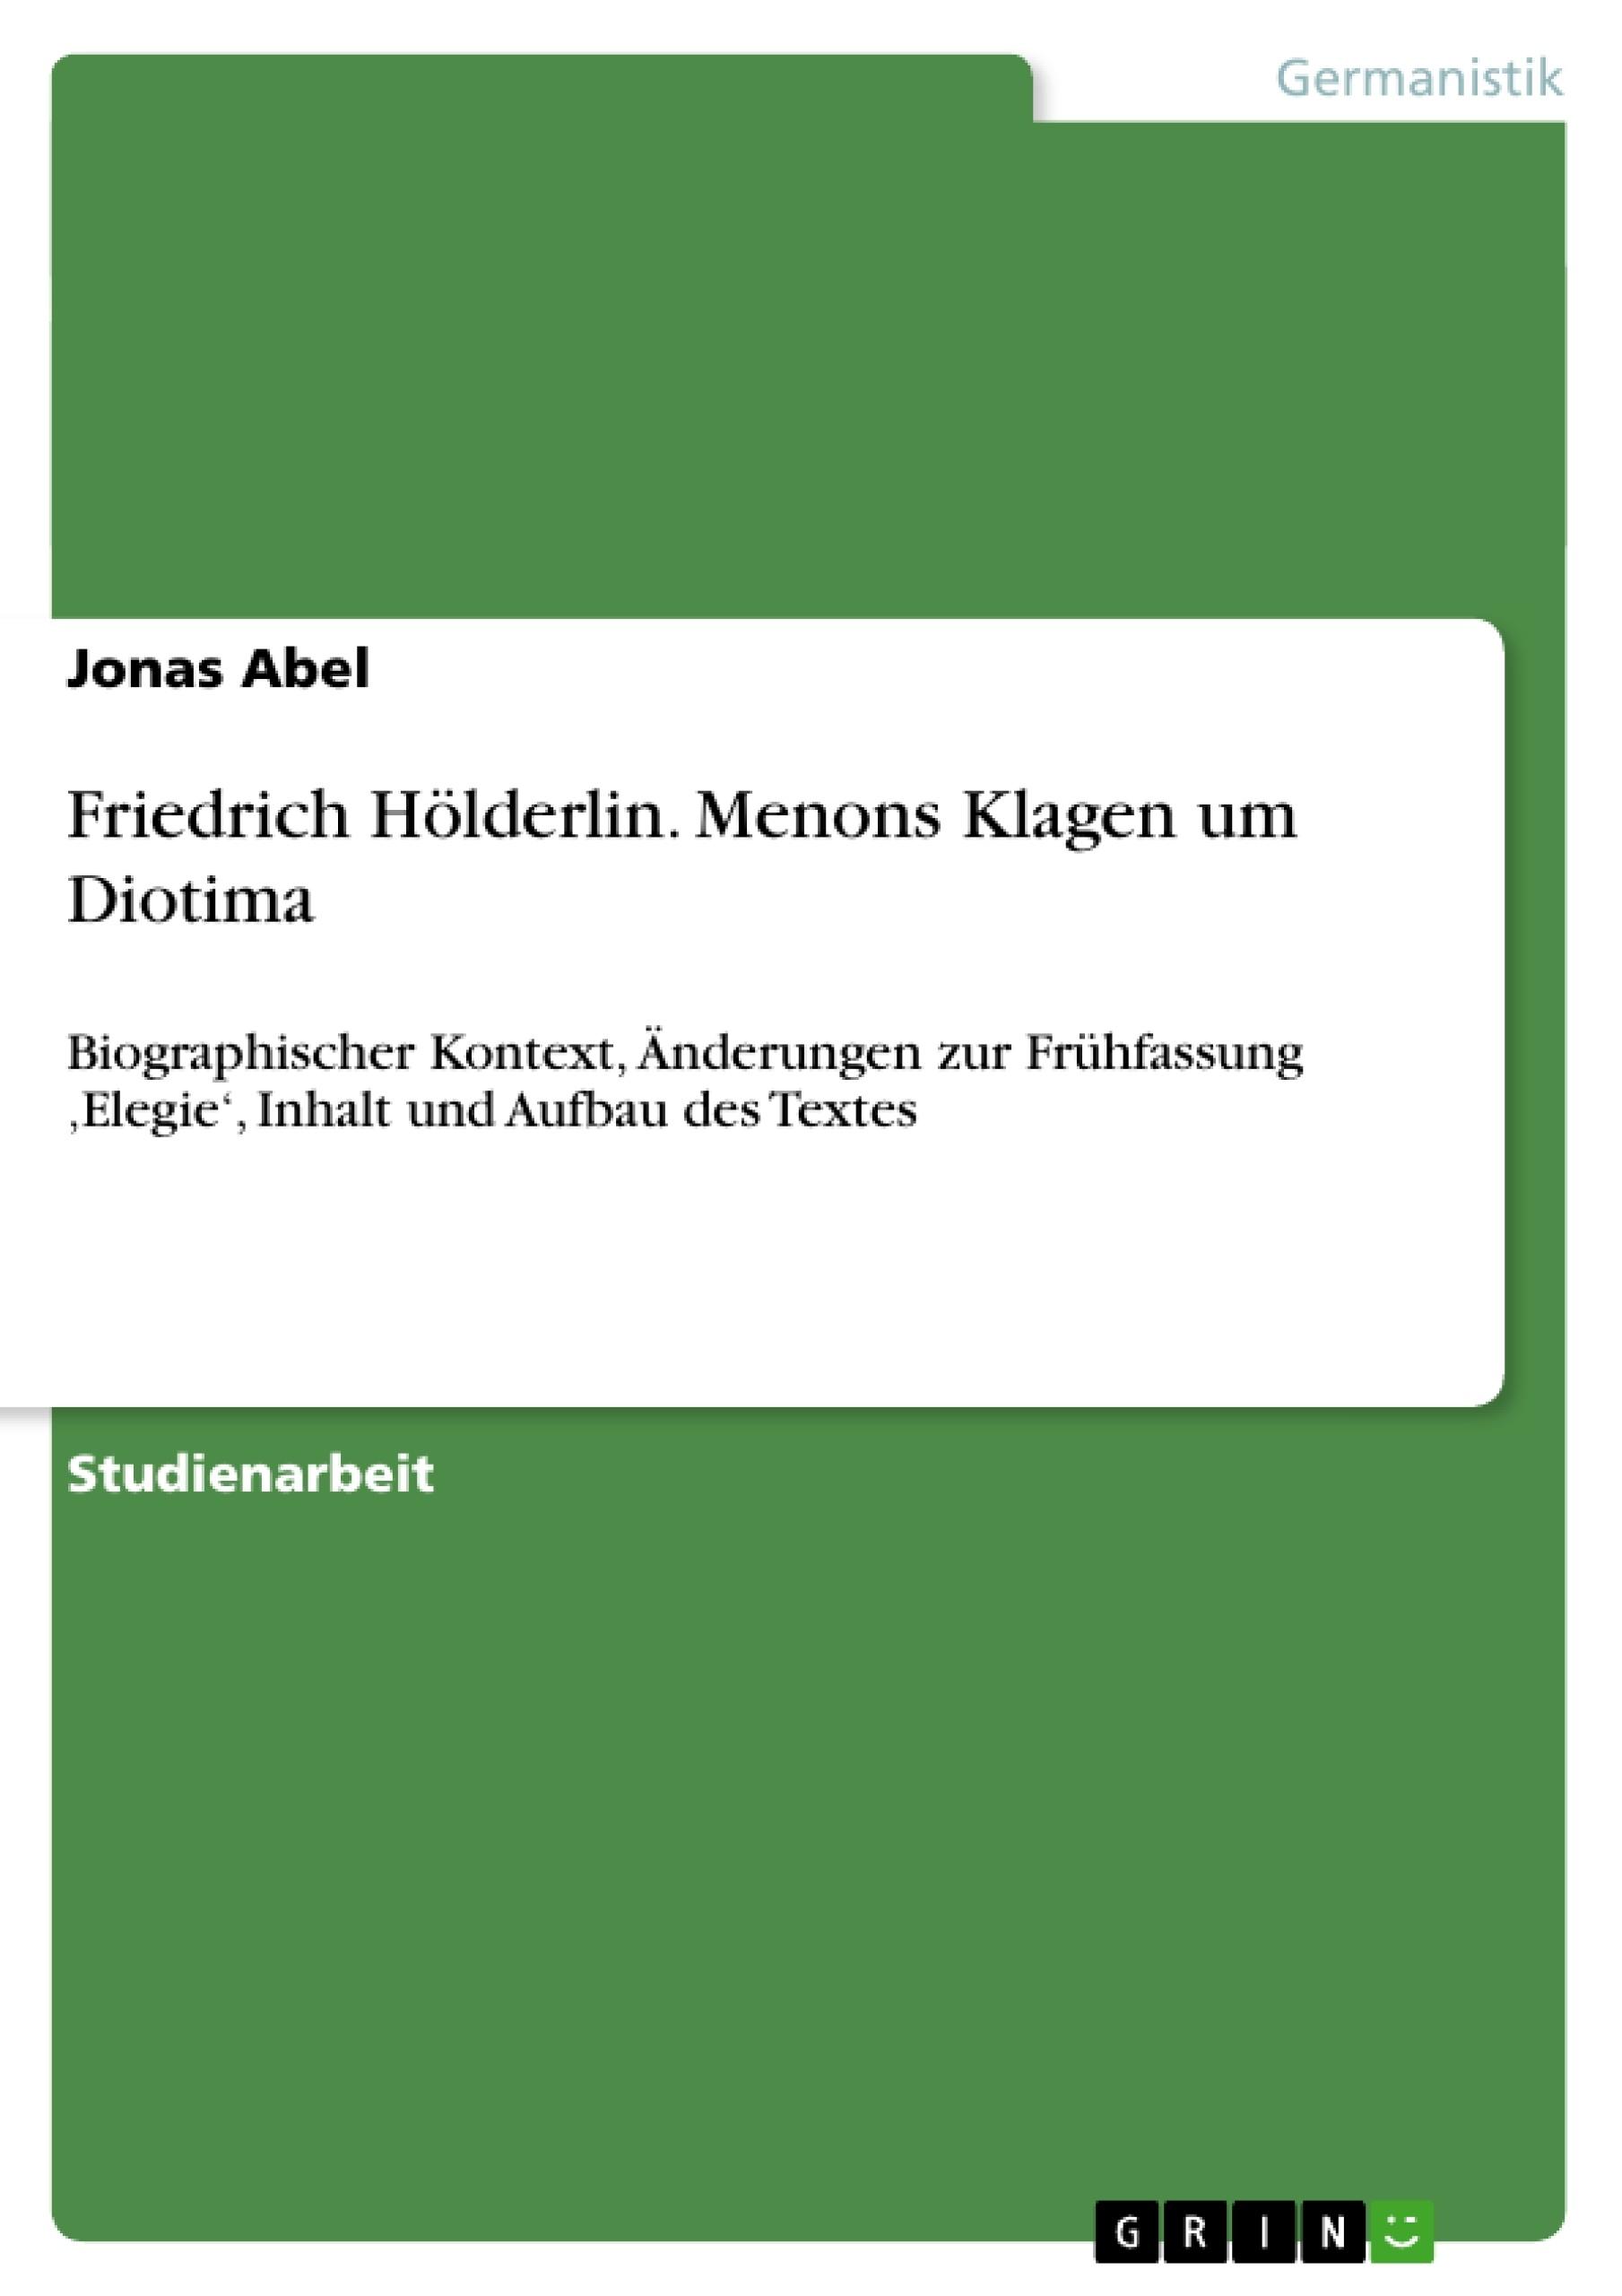 Titel: Friedrich Hölderlin. Menons Klagen um Diotima